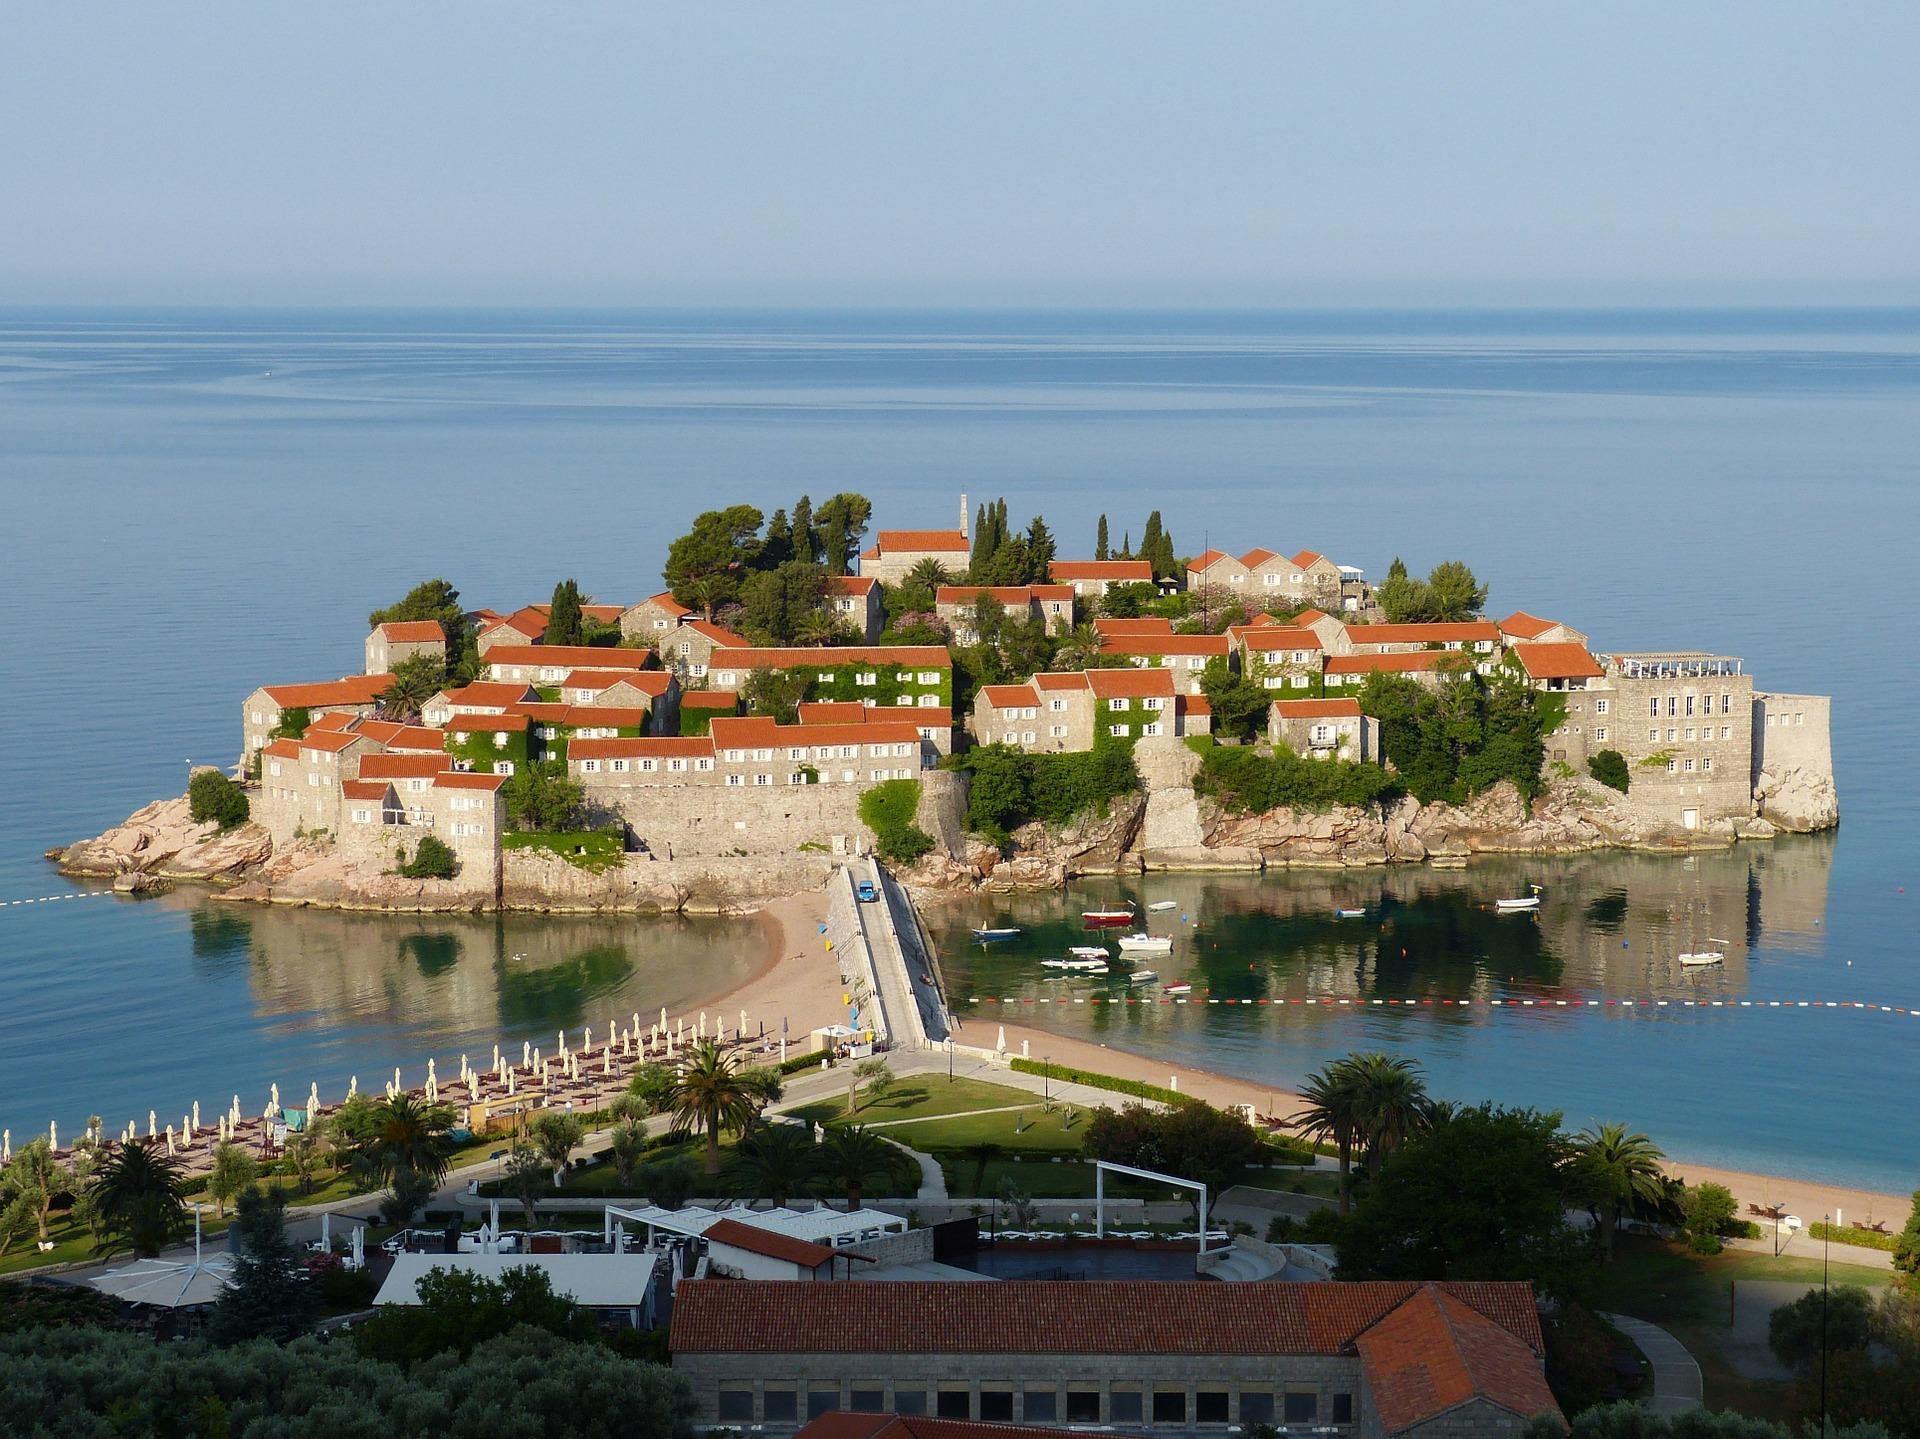 montenegro budva-823409_1920.jpg